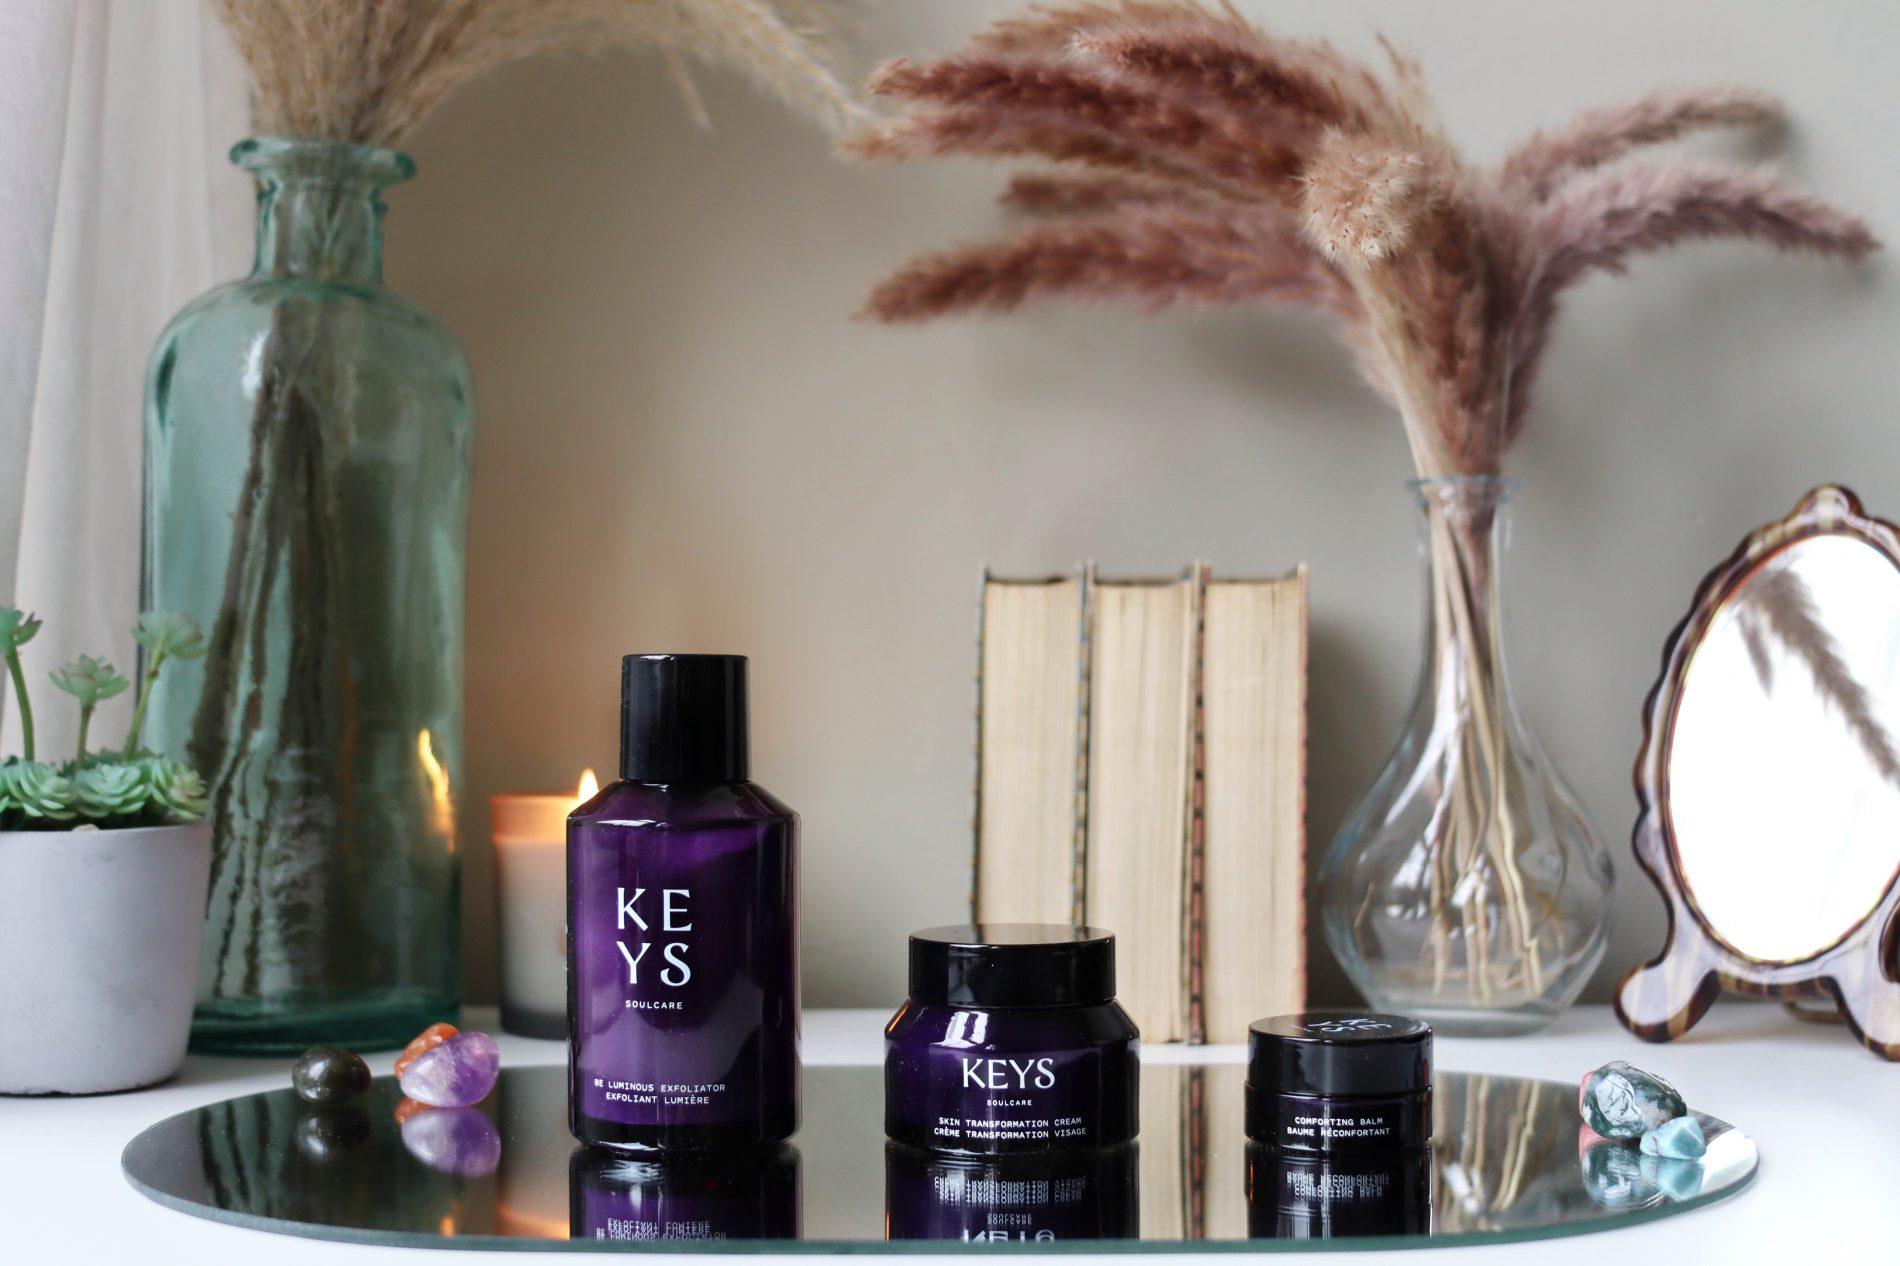 Keys Soulcare Clean Skincare Be Luminous Exfoliator, Skin Transformation Skin, Comforting Balm